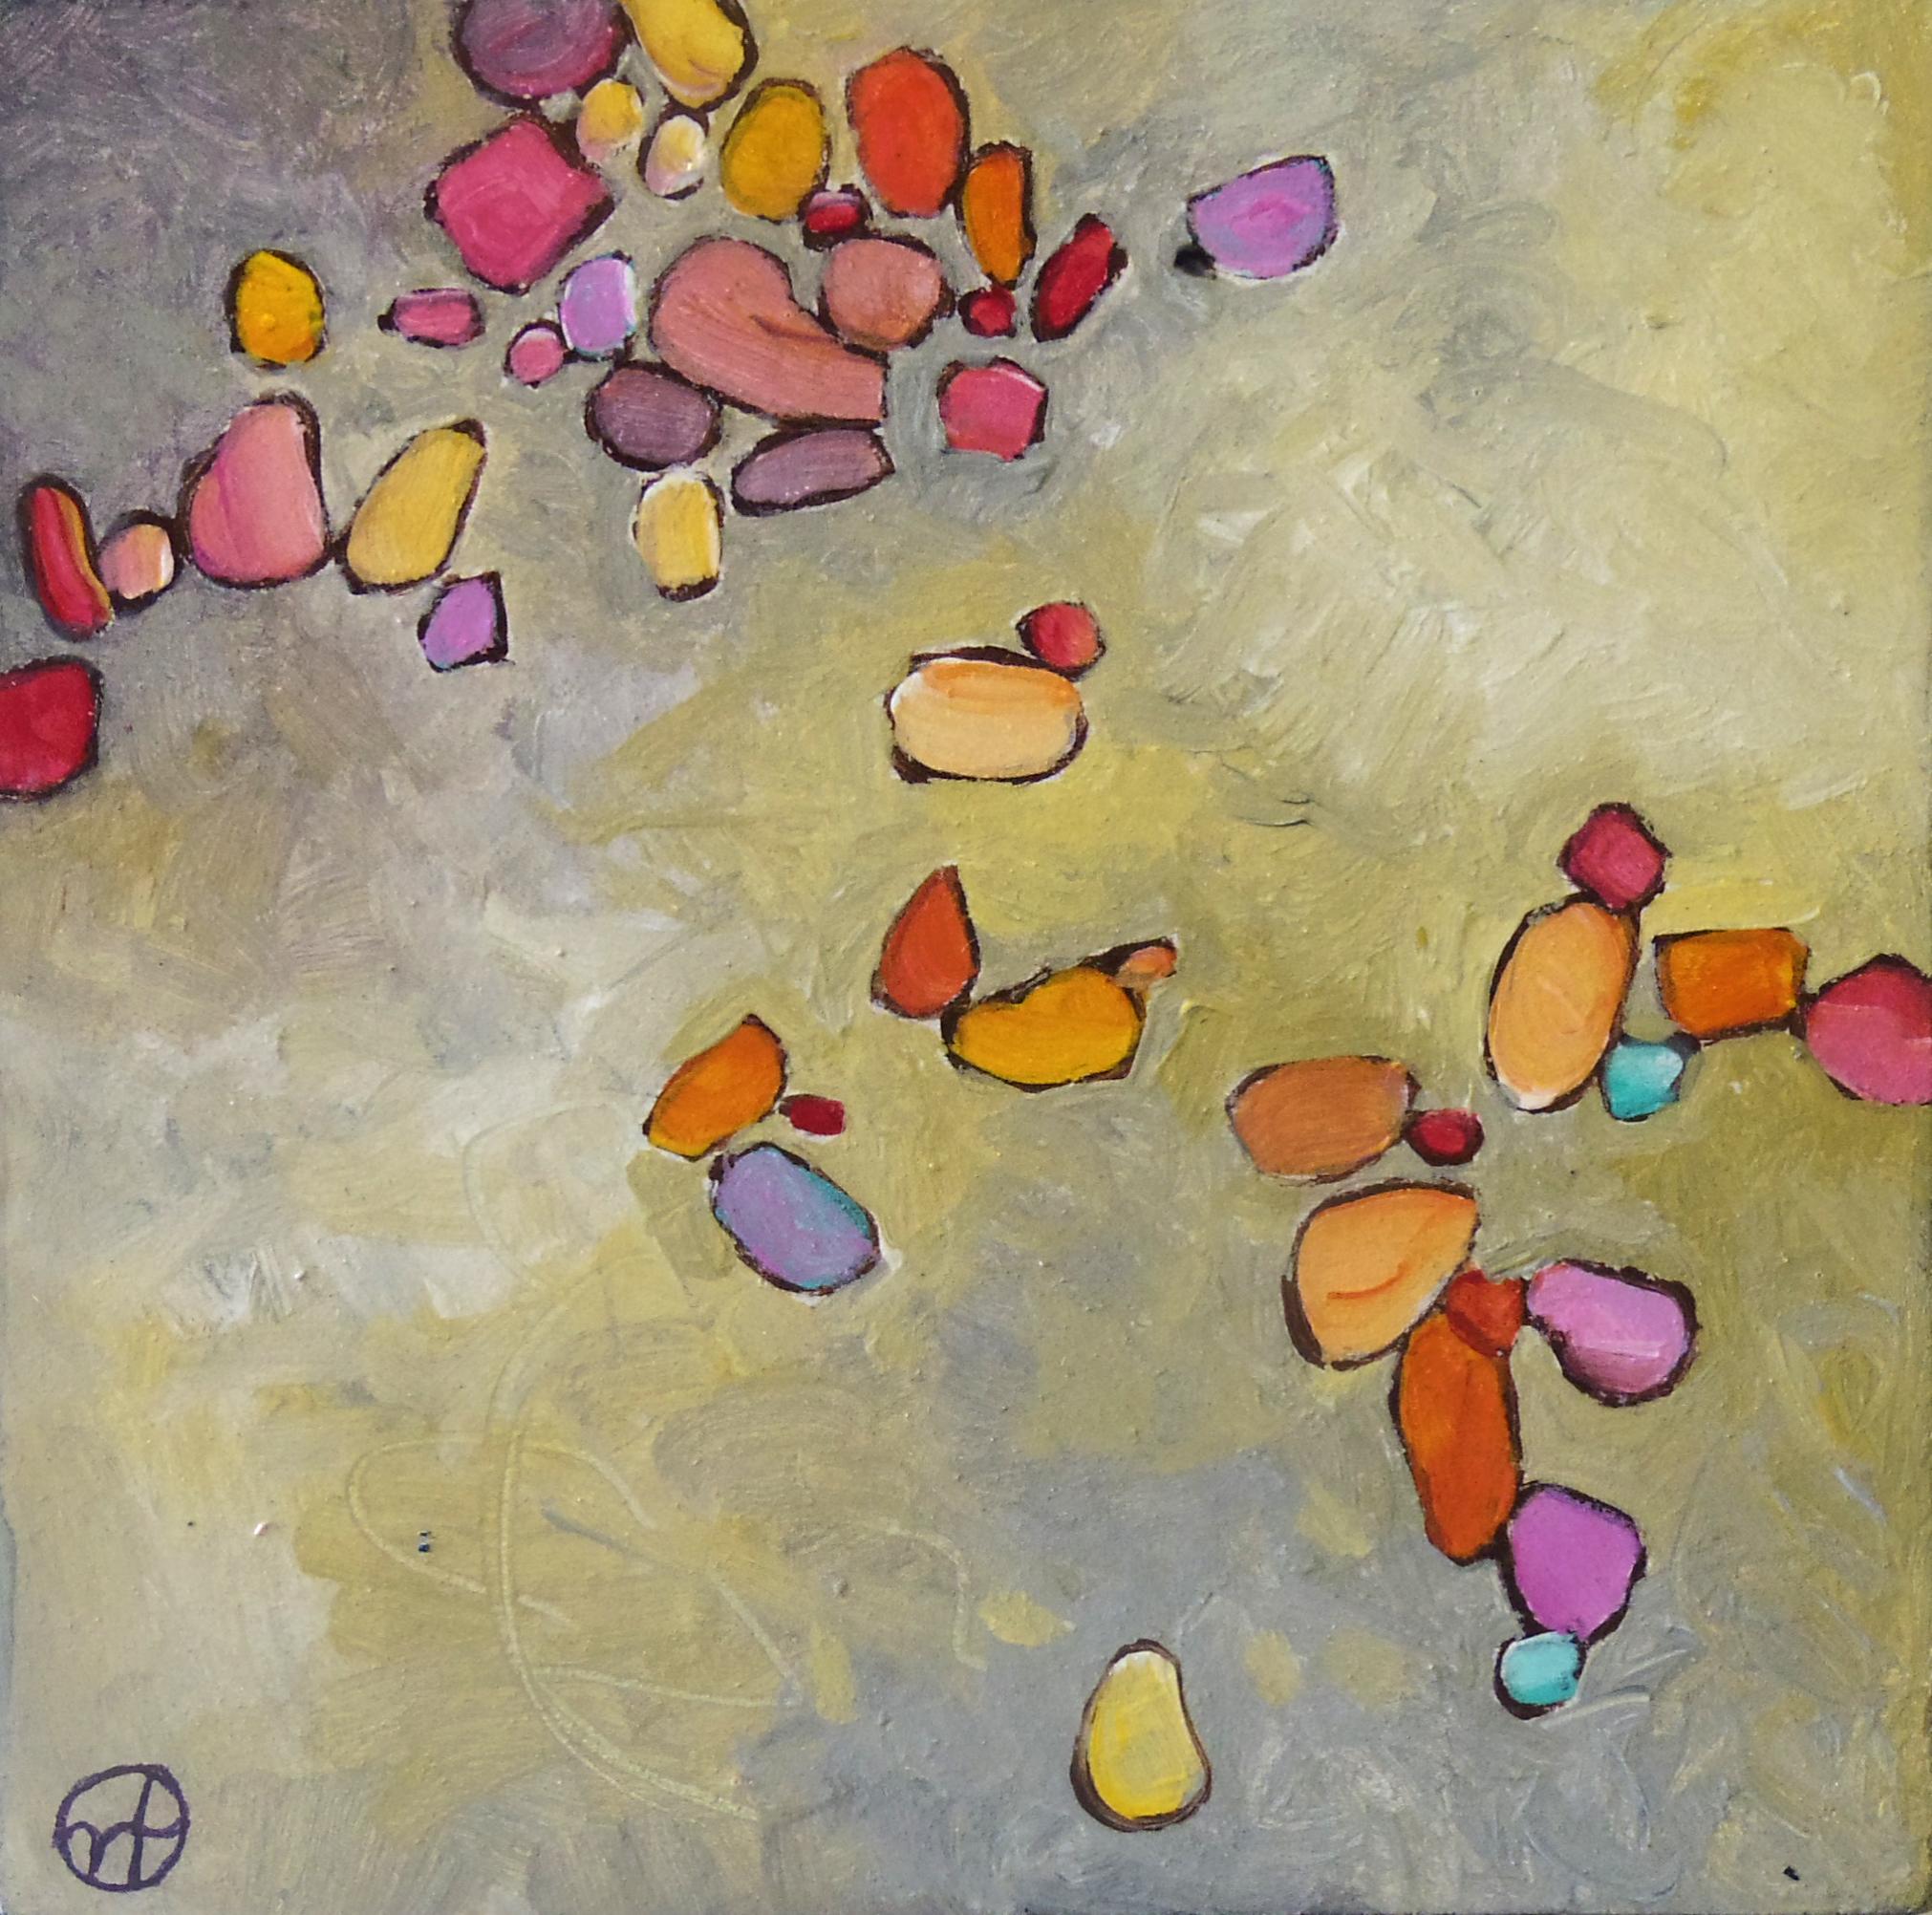 Untitled pebble paintings,